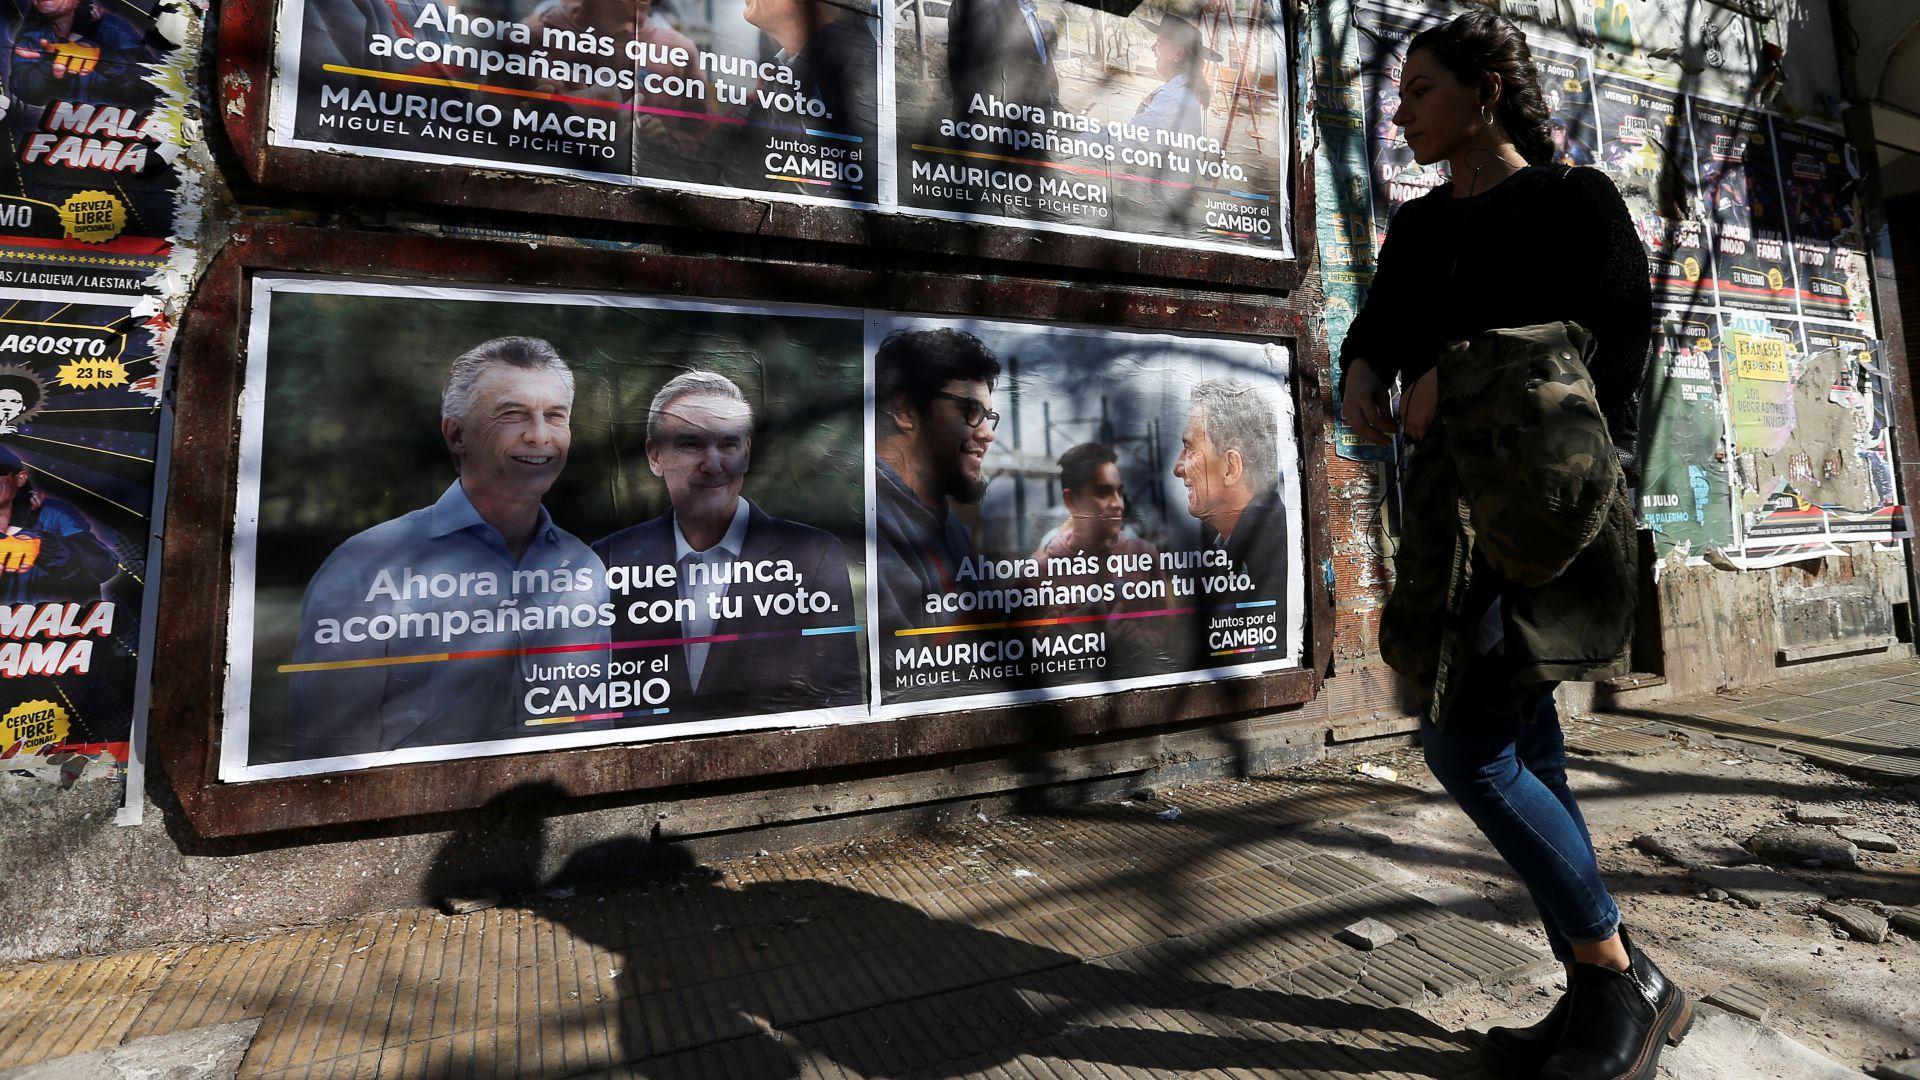 Una mujer camina por una calle frente a una publicidad de Mauricio Macri. (Reuters)